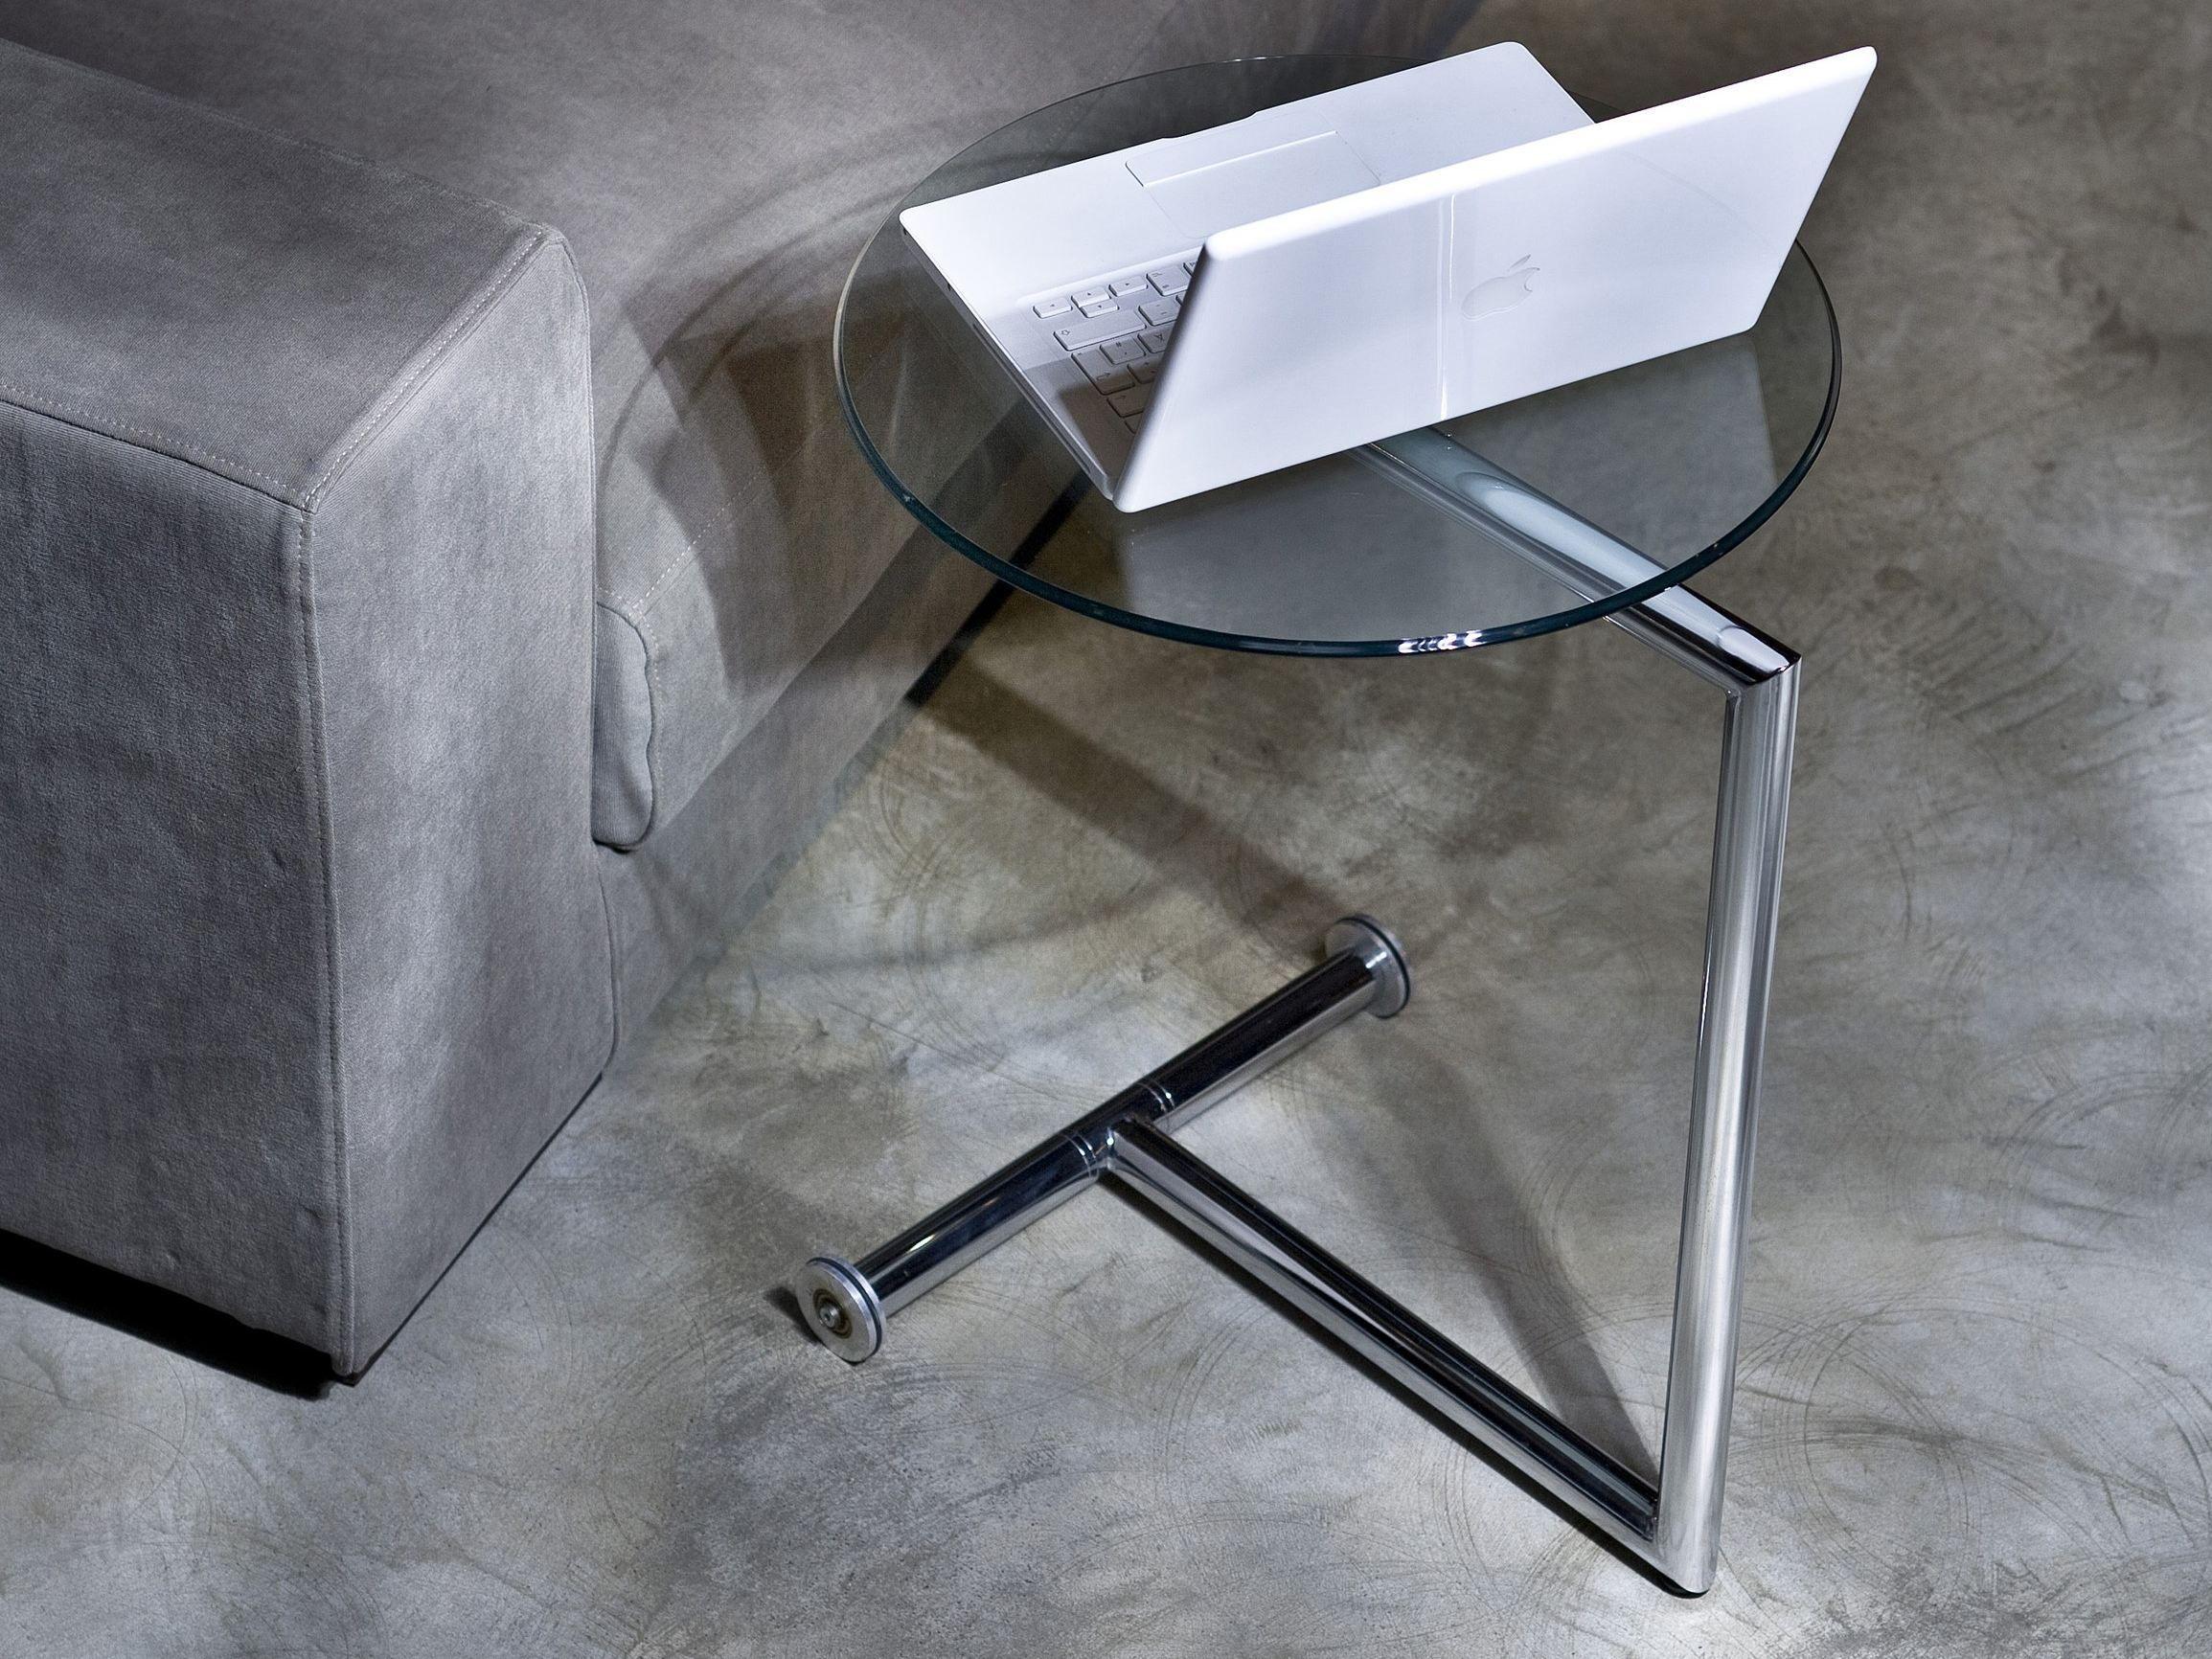 table basse en verre kare design. Black Bedroom Furniture Sets. Home Design Ideas